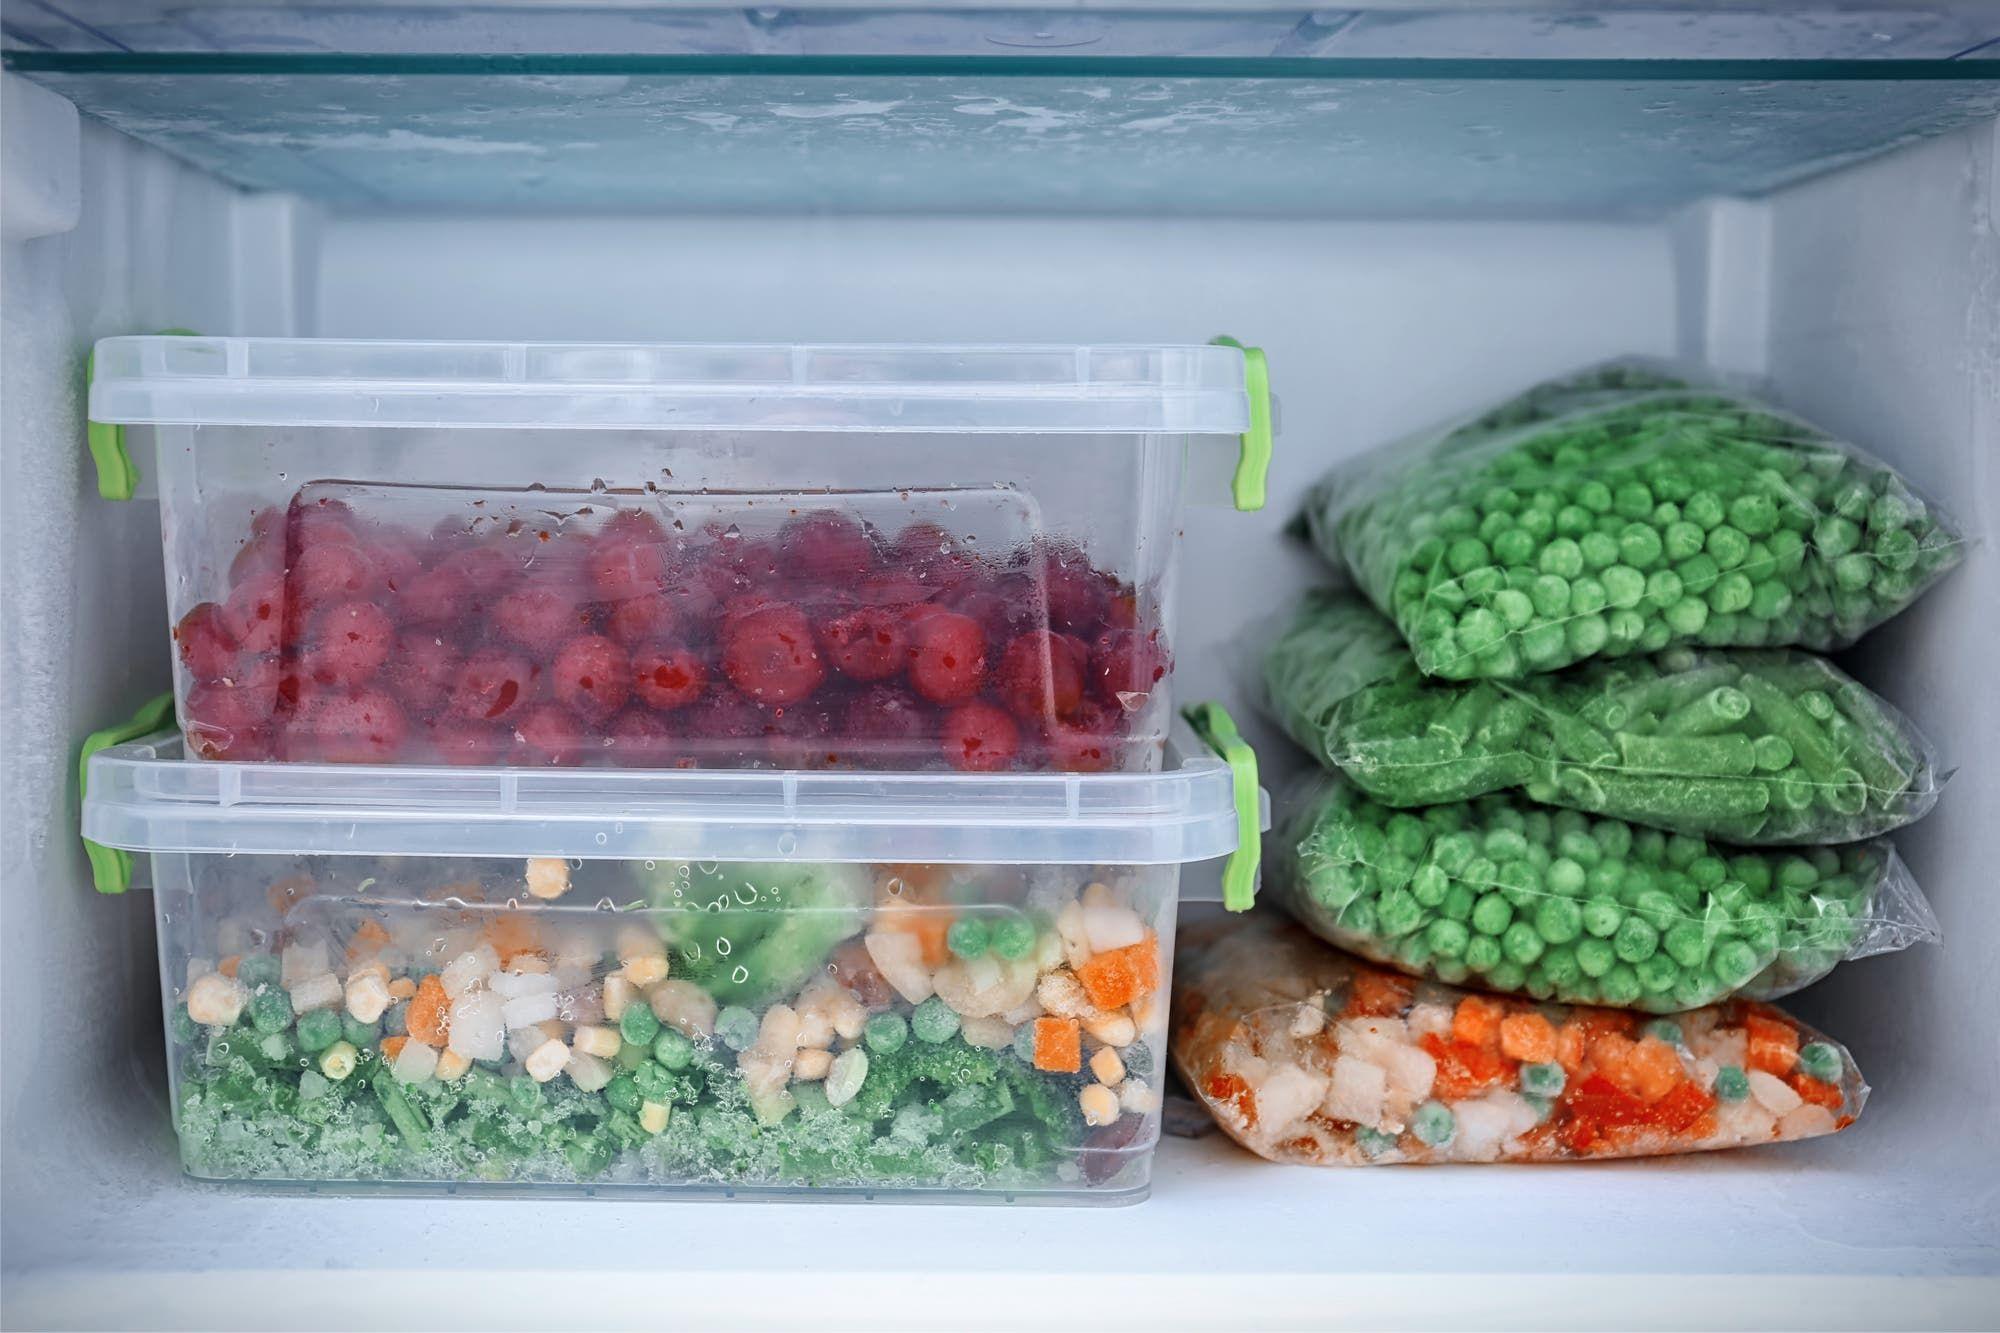 Trucos Para Congelar Y Descongelar Alimentos Descongelar Descongelar Para Freezer Burn Easy Freezer Meals Food